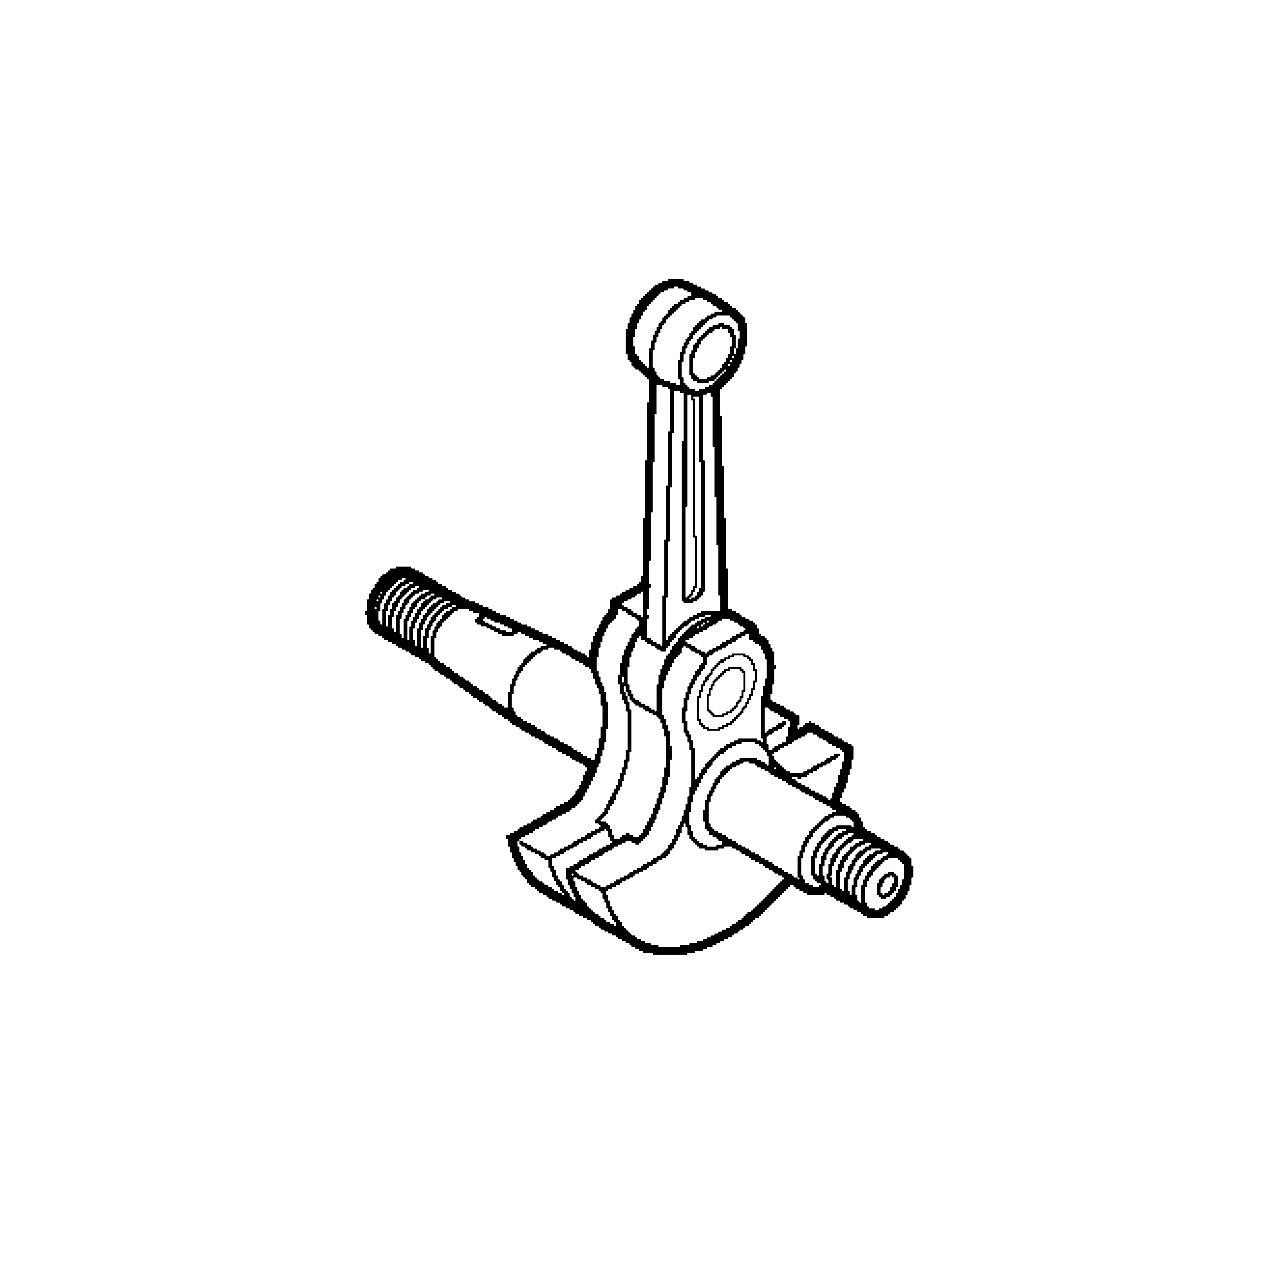 Genuine echo Part PISTON KIT P021010260